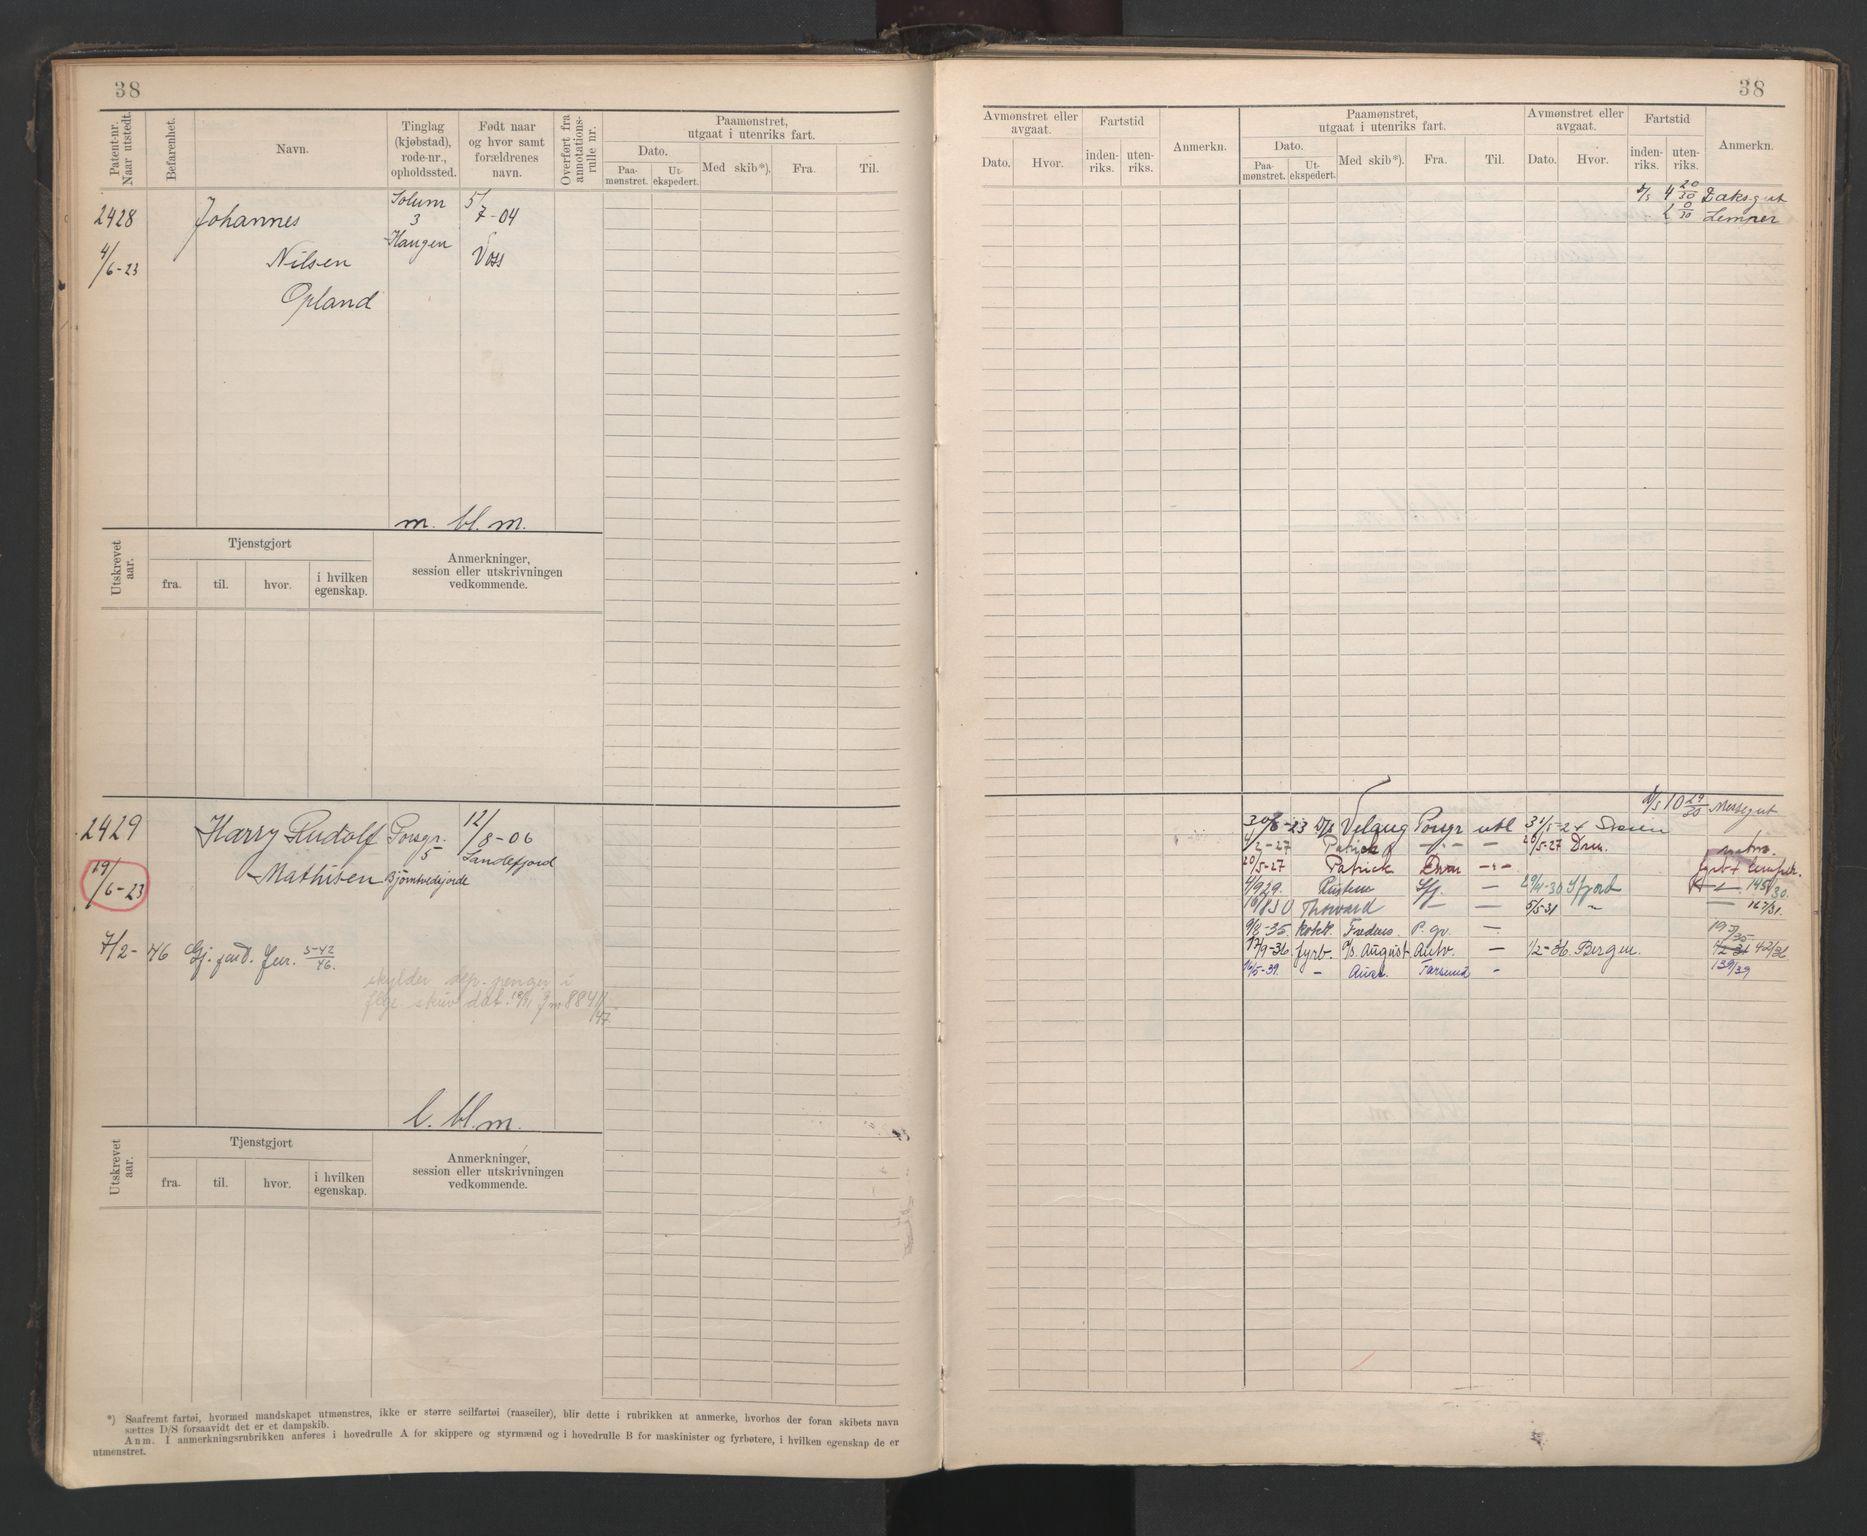 SAKO, Porsgrunn innrulleringskontor, F/Fb/L0007: Annotasjonsrulle, 1926-1948, s. 37